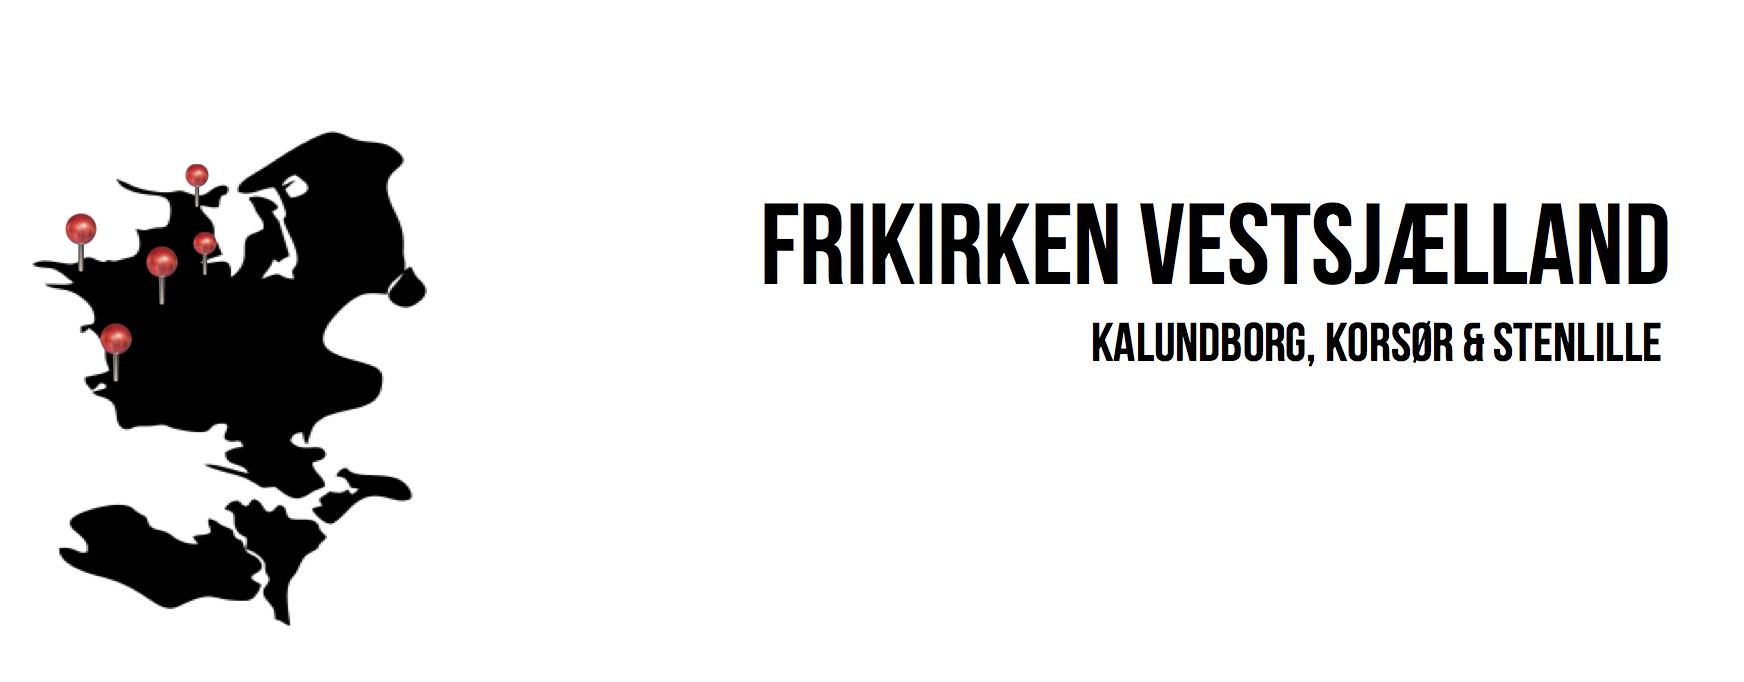 Frikirken Vestsjælland